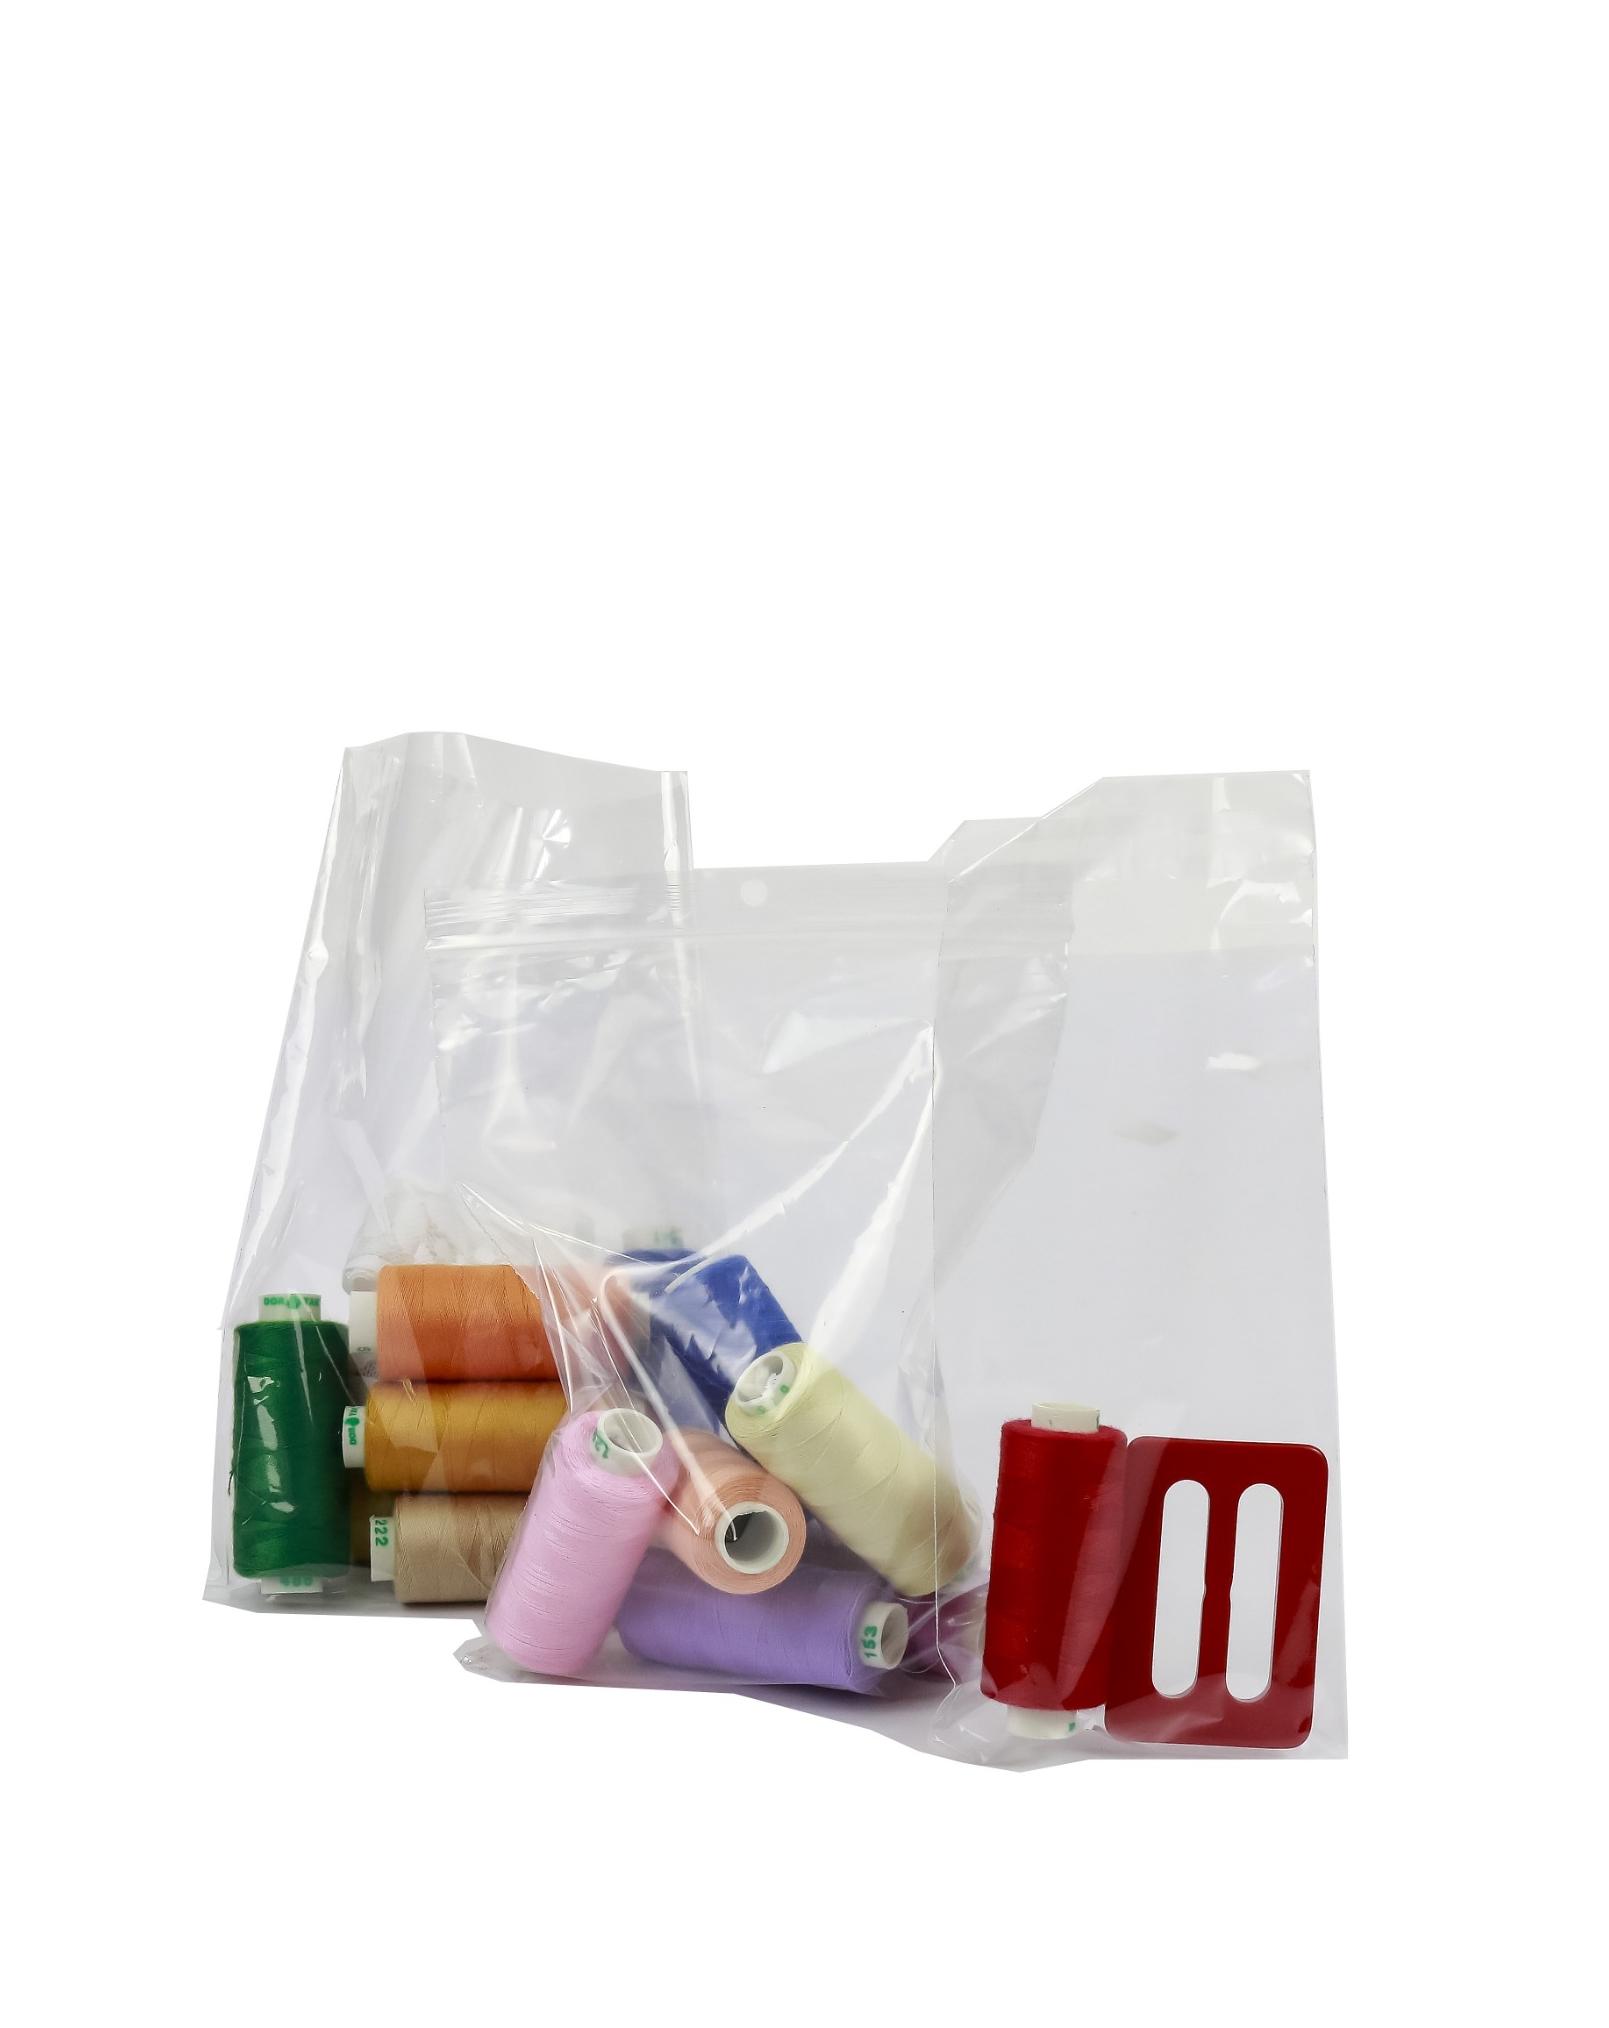 Pungi Plastic (cu fermoar; cu si fara adeziv) Pungi Plastic (cu fermoar; cu si fara adeziv)